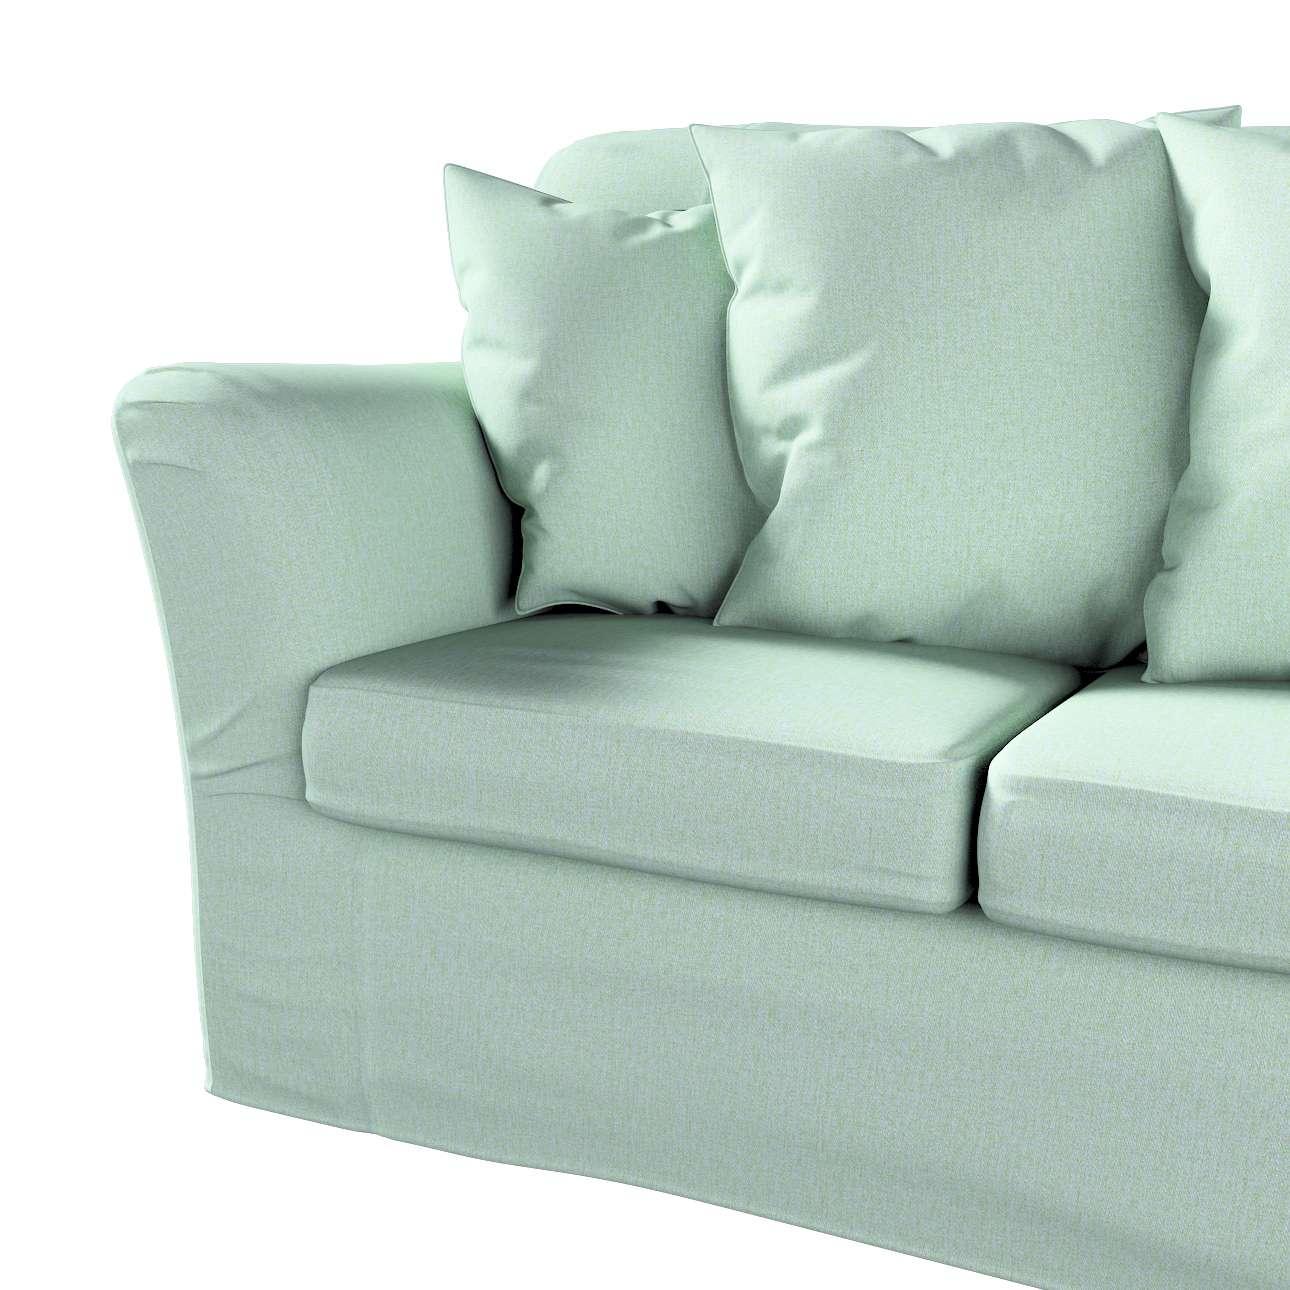 Pokrowiec na sofę Tomelilla 3-osobową nierozkładaną w kolekcji Living, tkanina: 161-61